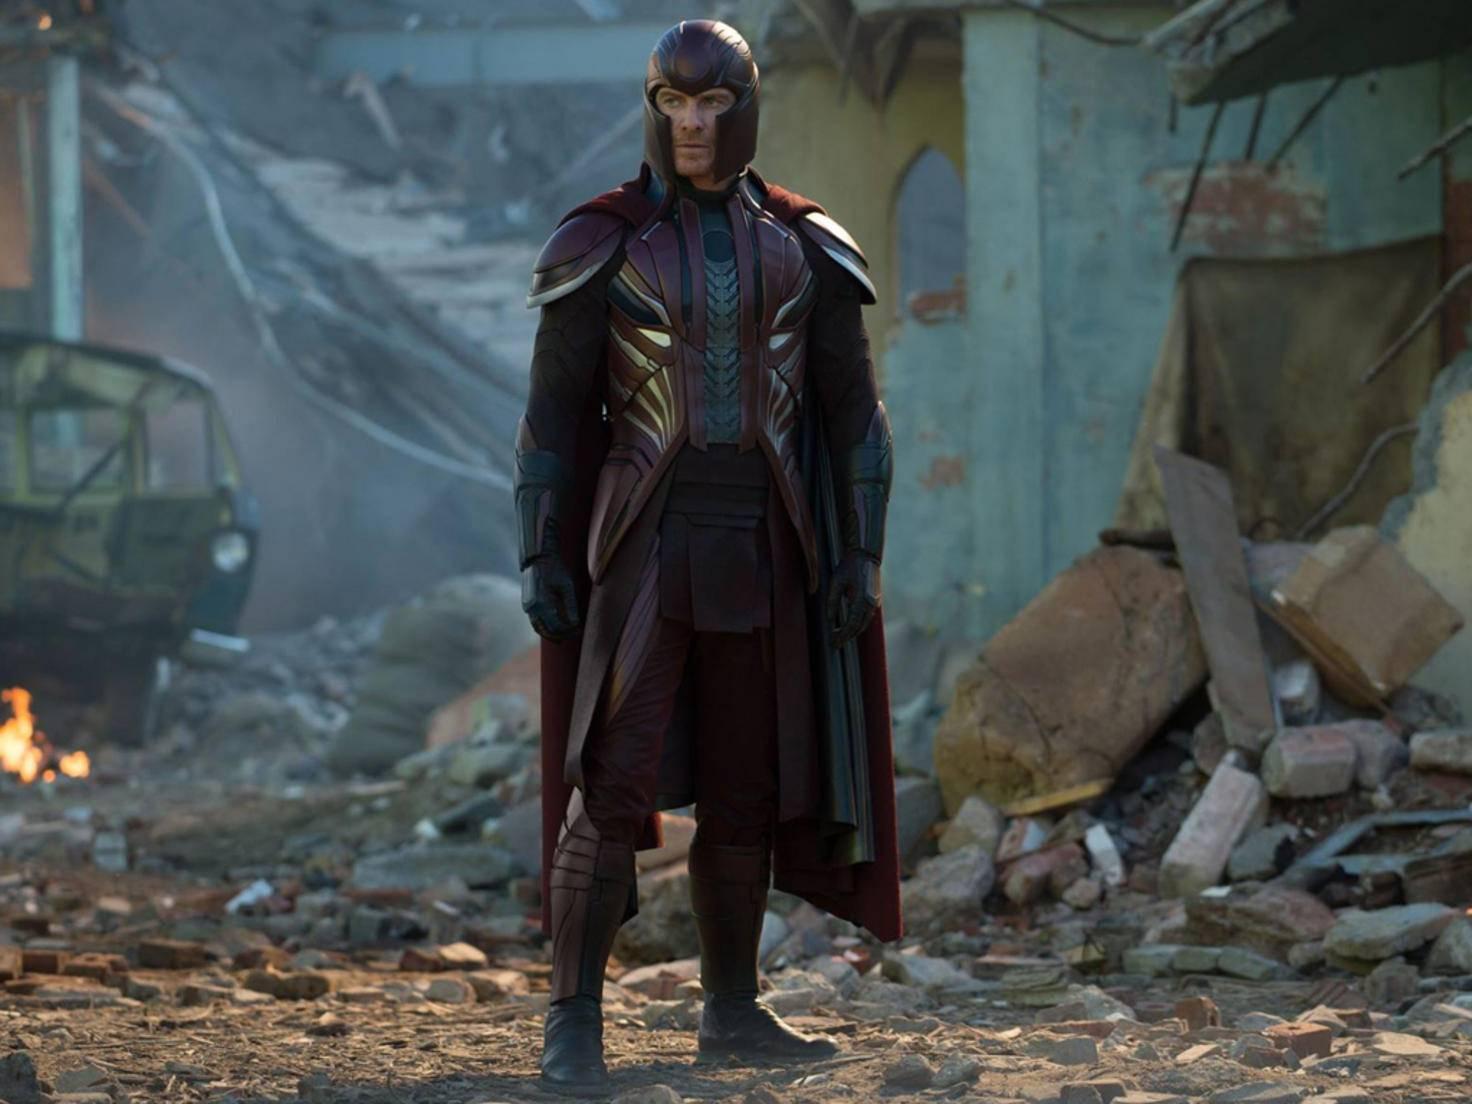 Wohin er auch geht, hinterlässt Magneto ein Feld der Verwüstung.